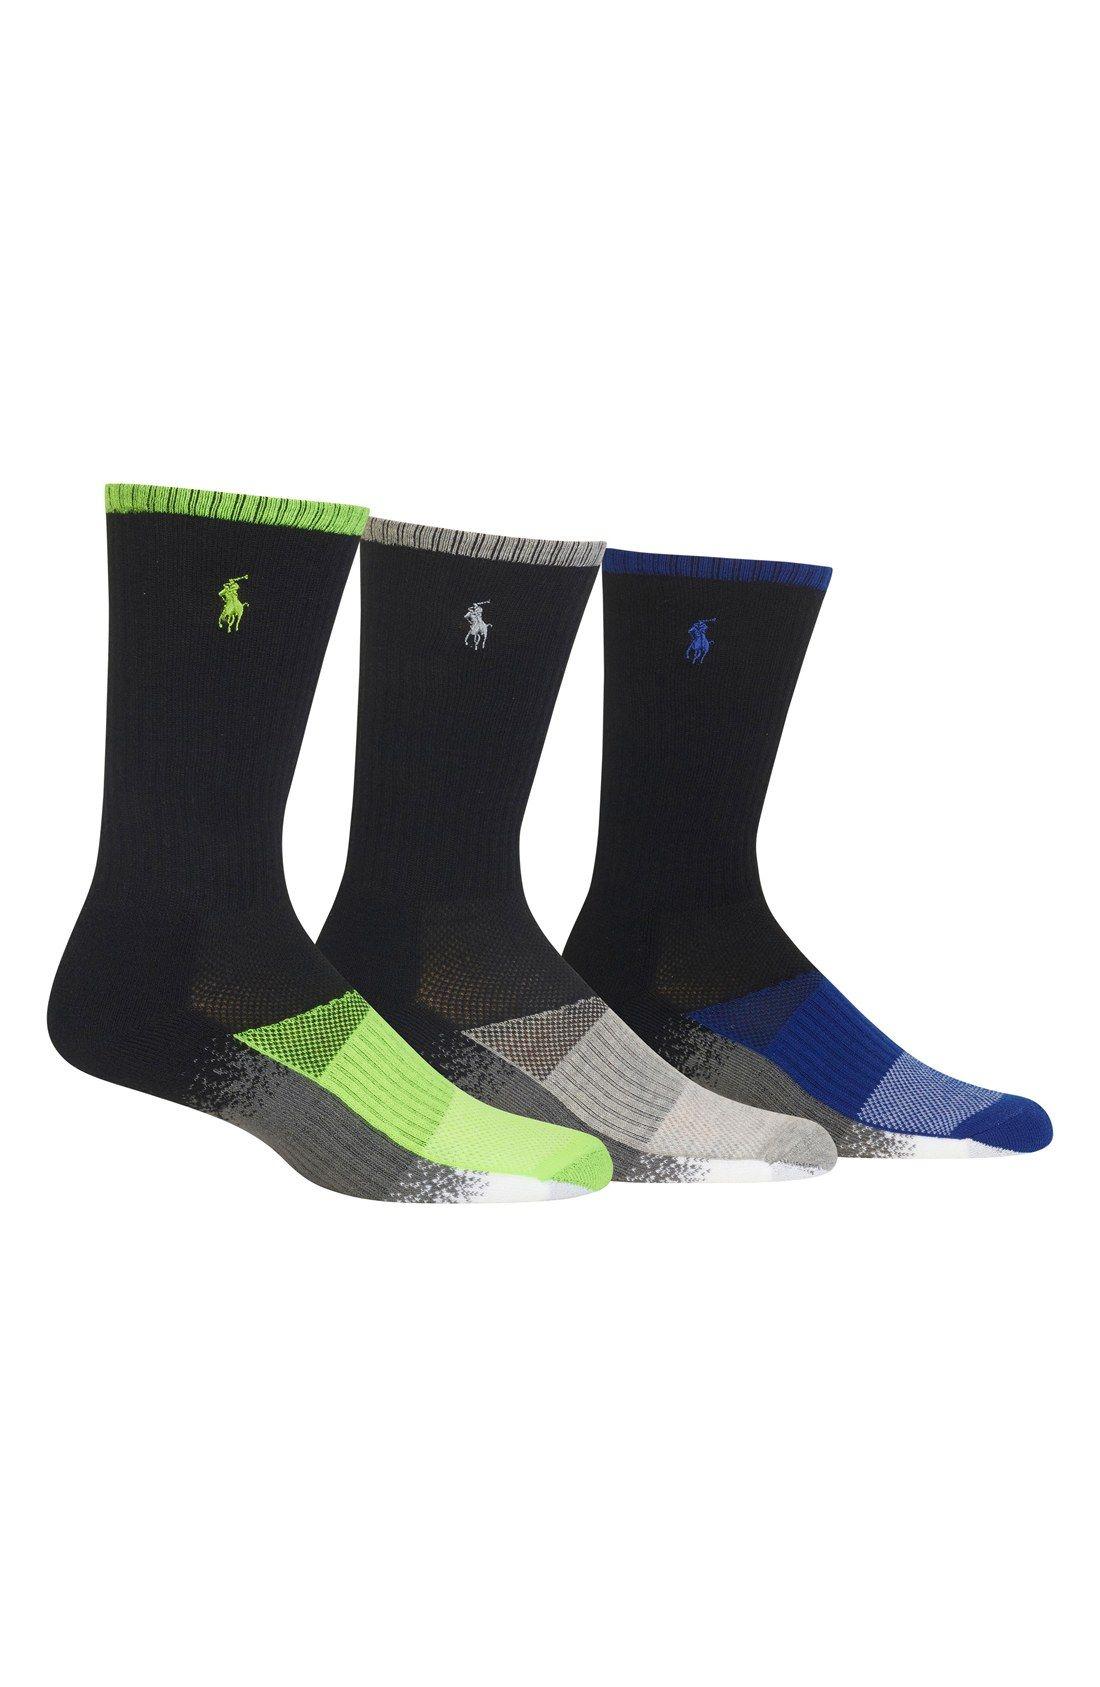 Polo Ralph Lauren Colorblock Gradient Crew Socks (3-Pack) (Men)